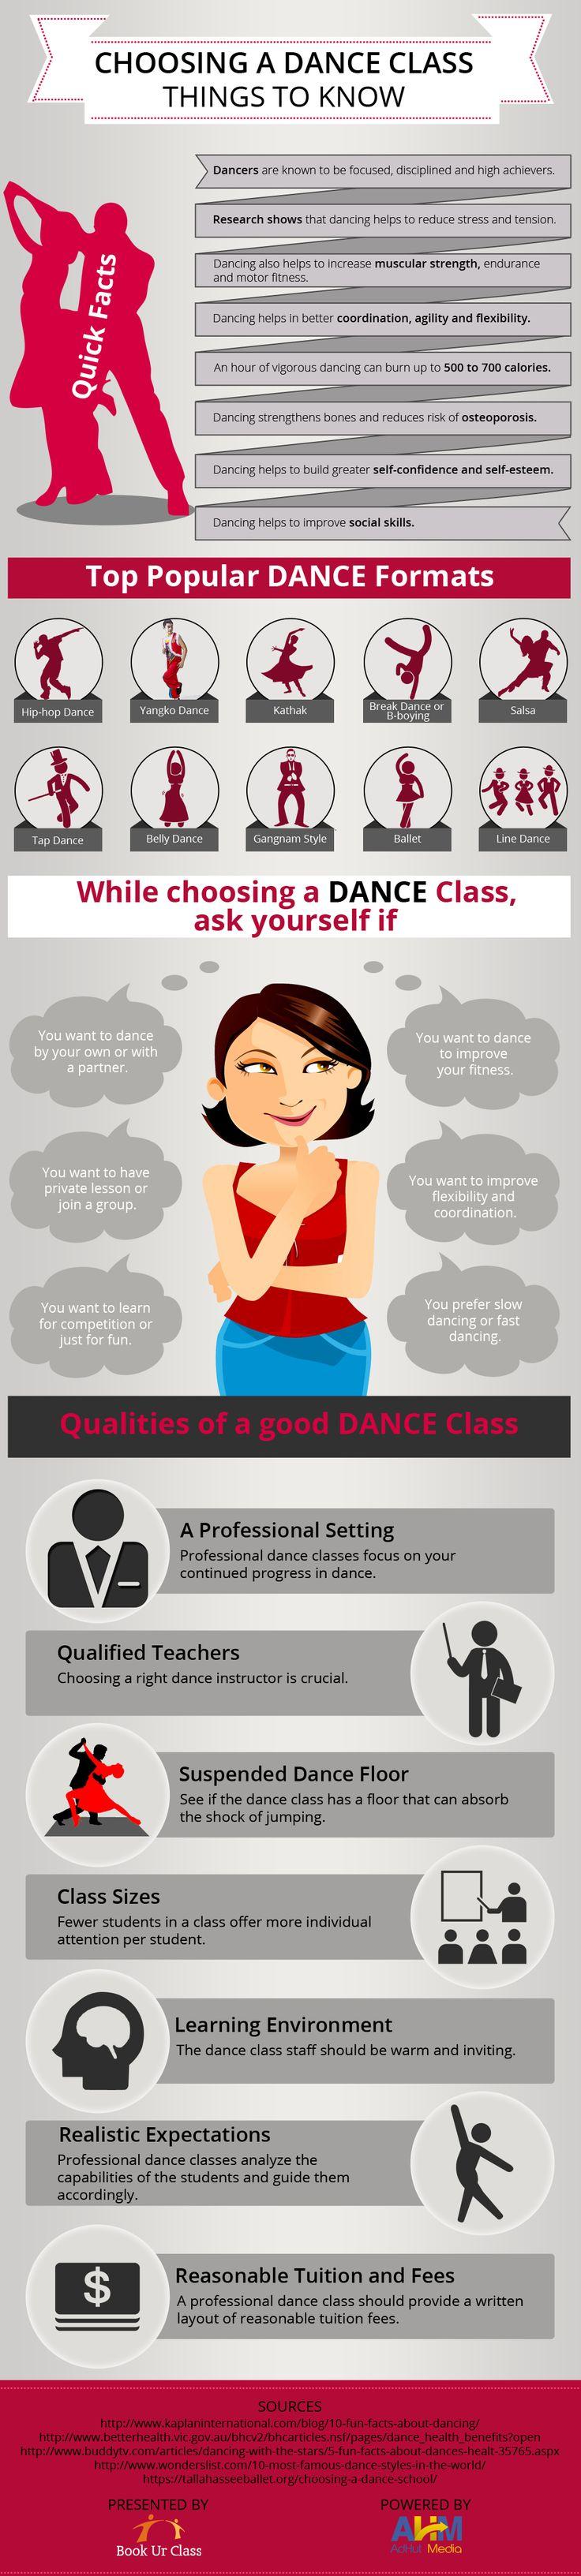 Choosing a dance class